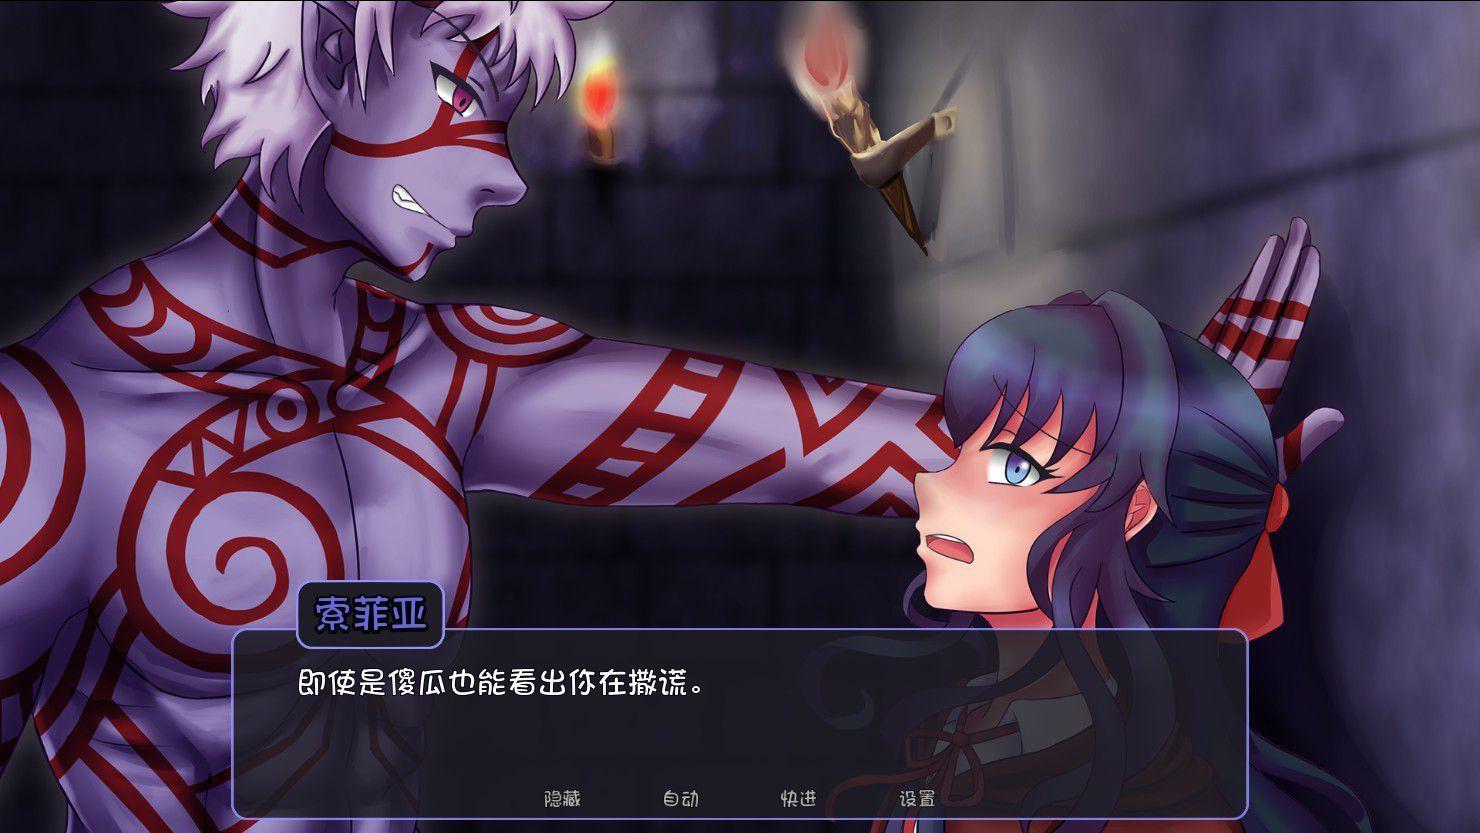 恶灵召唤图4